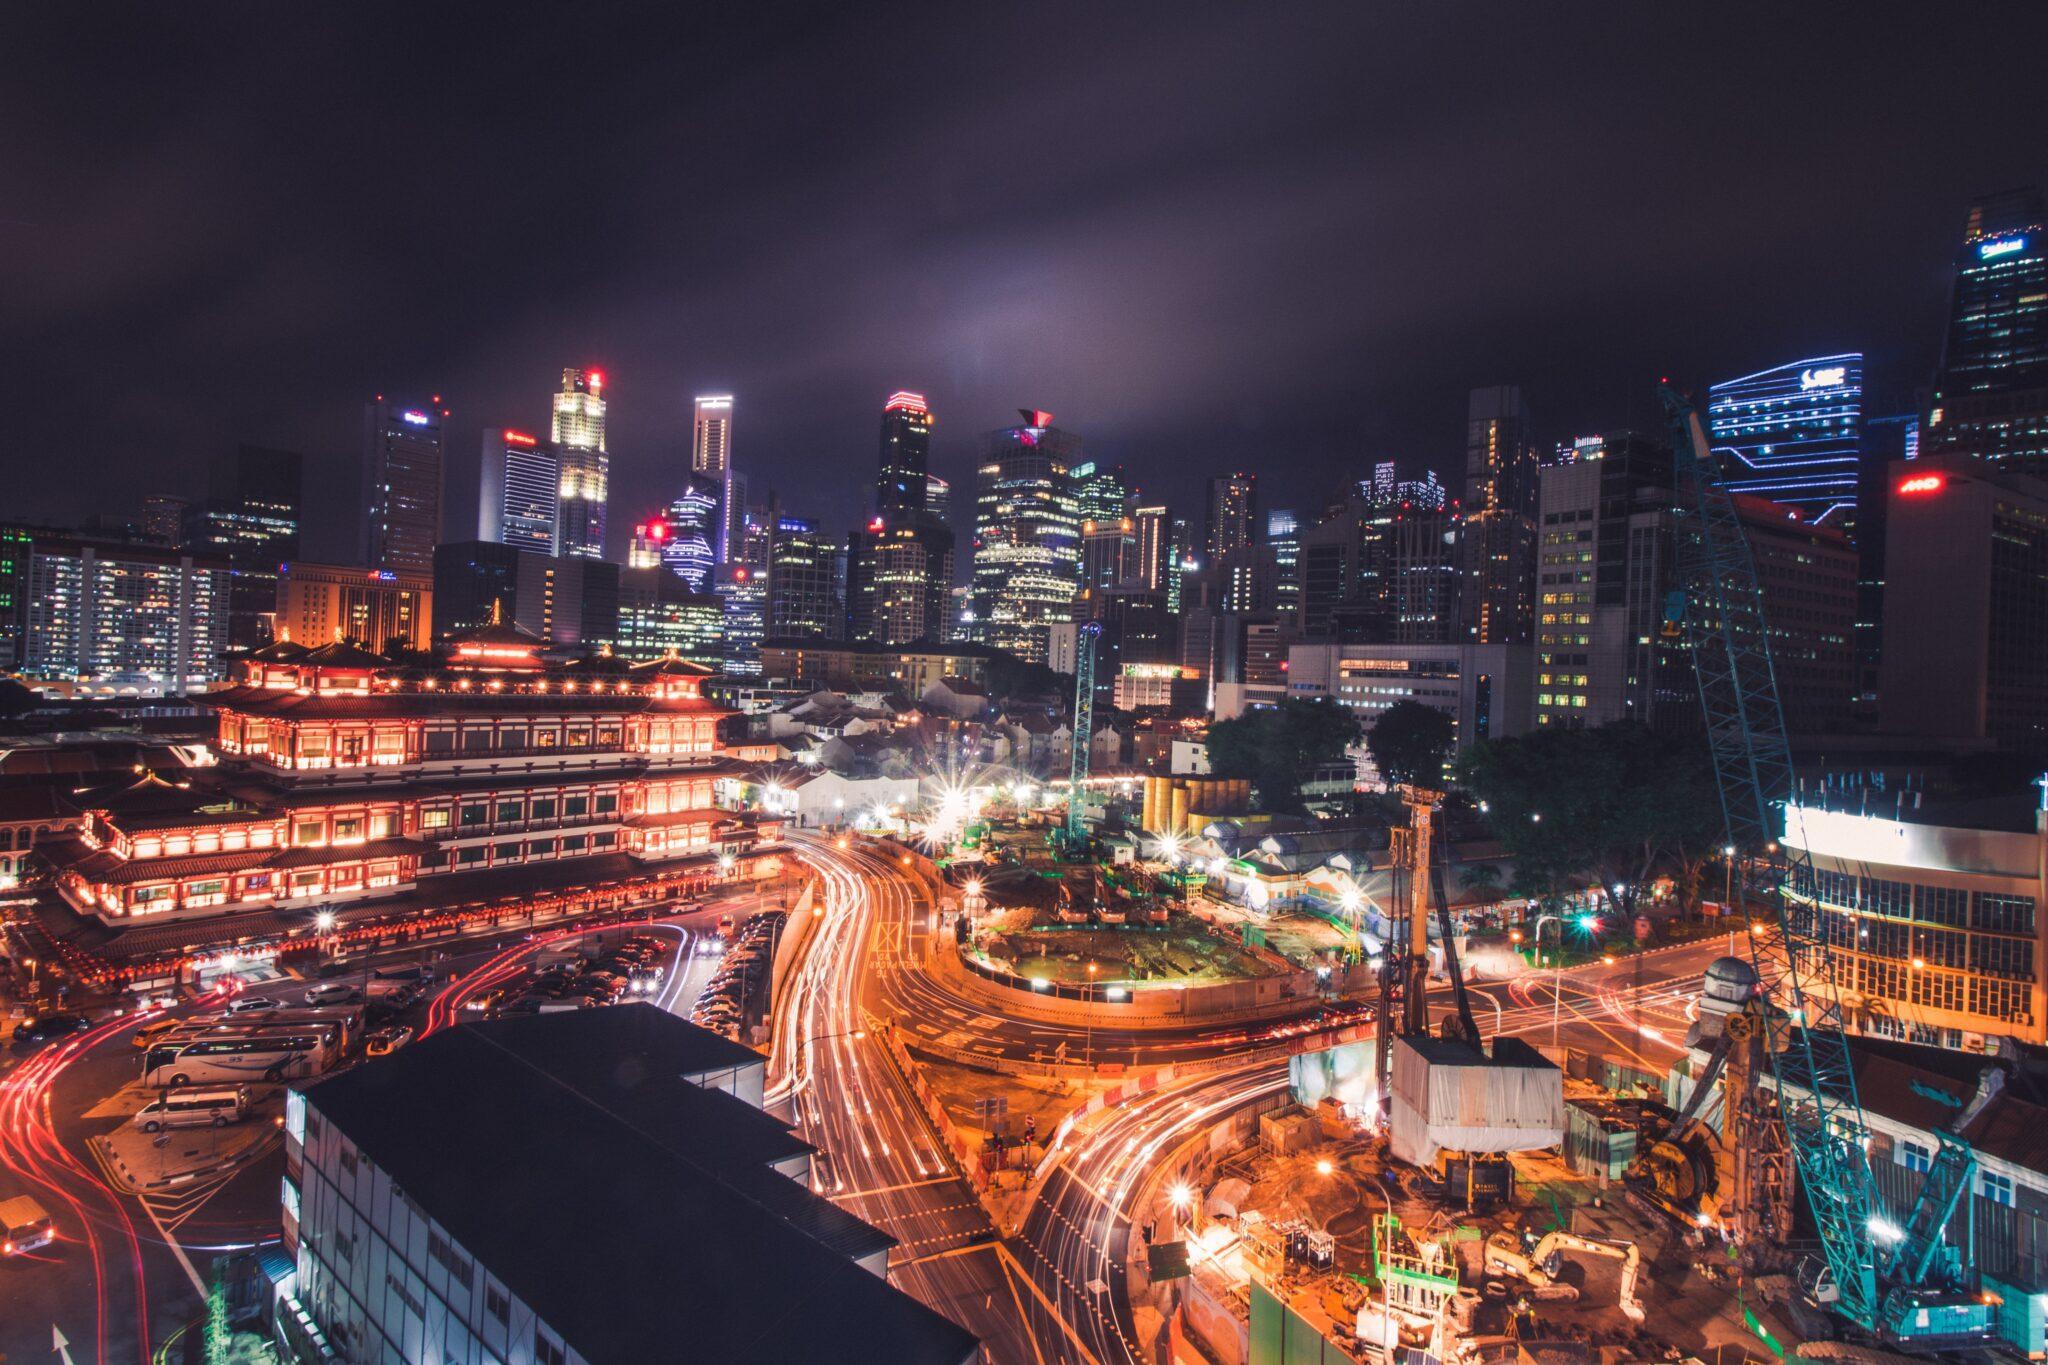 Οι αναλυτές προβλέπουν 26 έξυπνες πόλεις έως το 2025